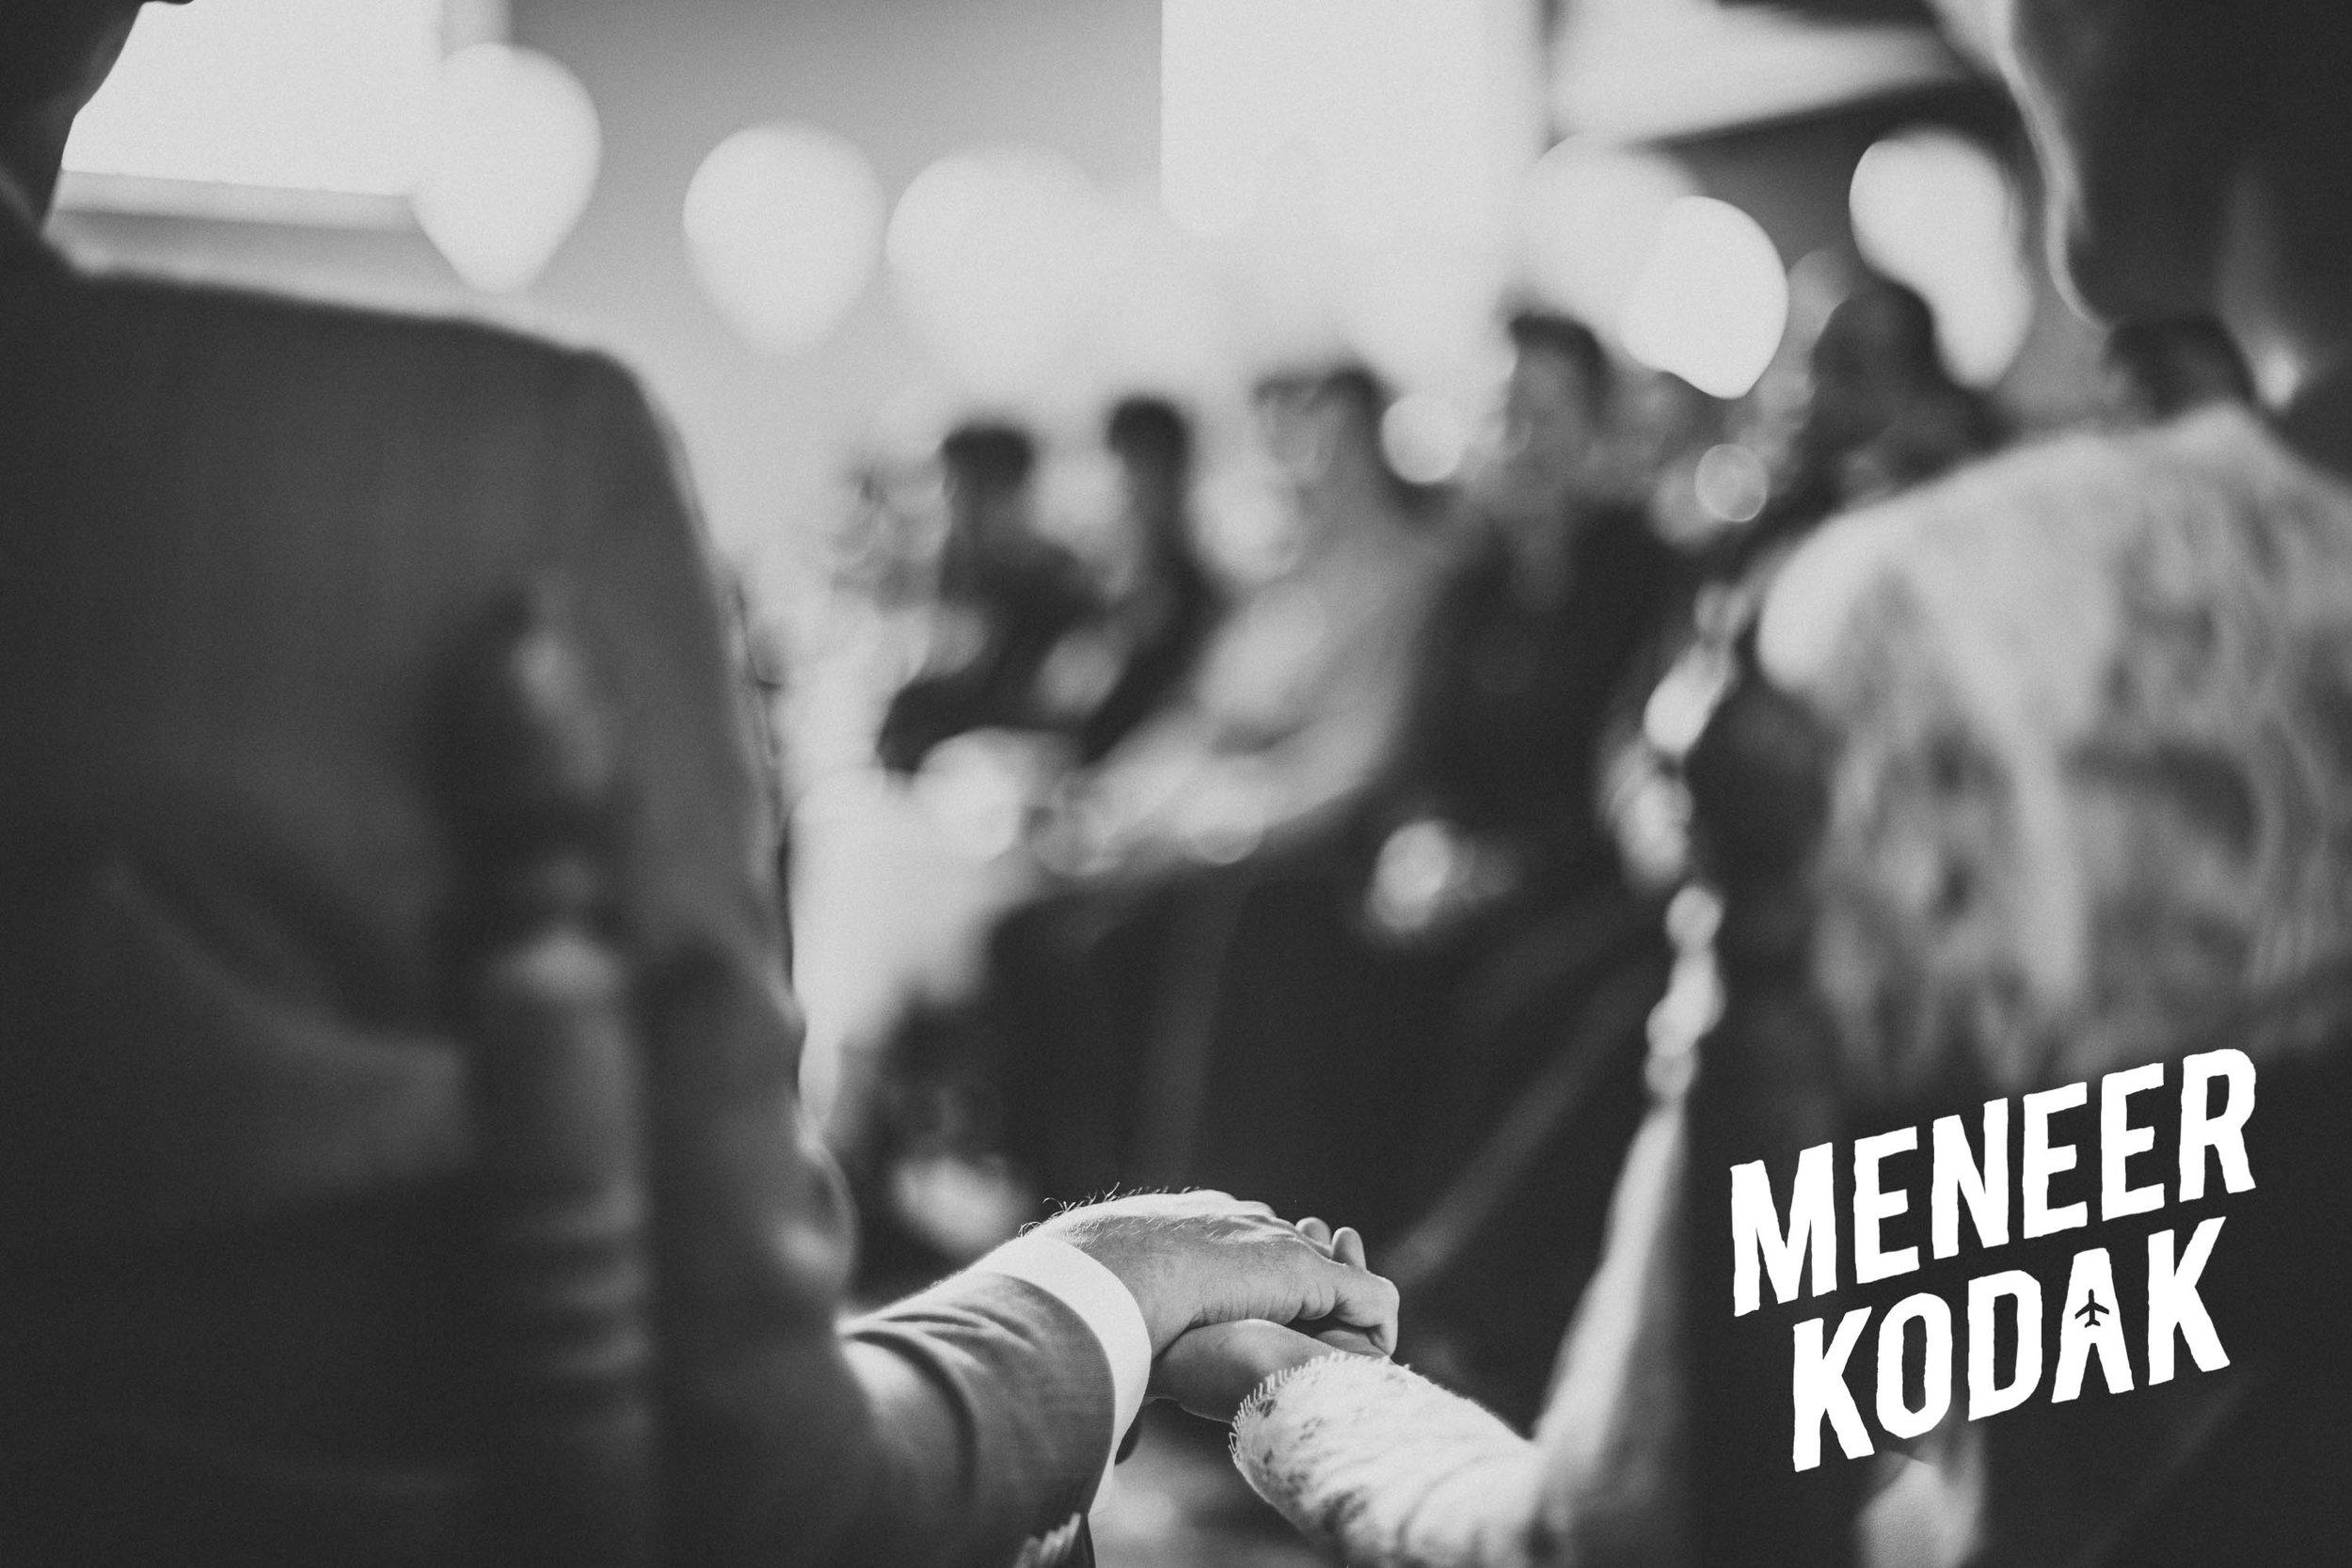 Meneer Kodak - Bruidsfotograaf - Amsterdam - M&J-041.jpg